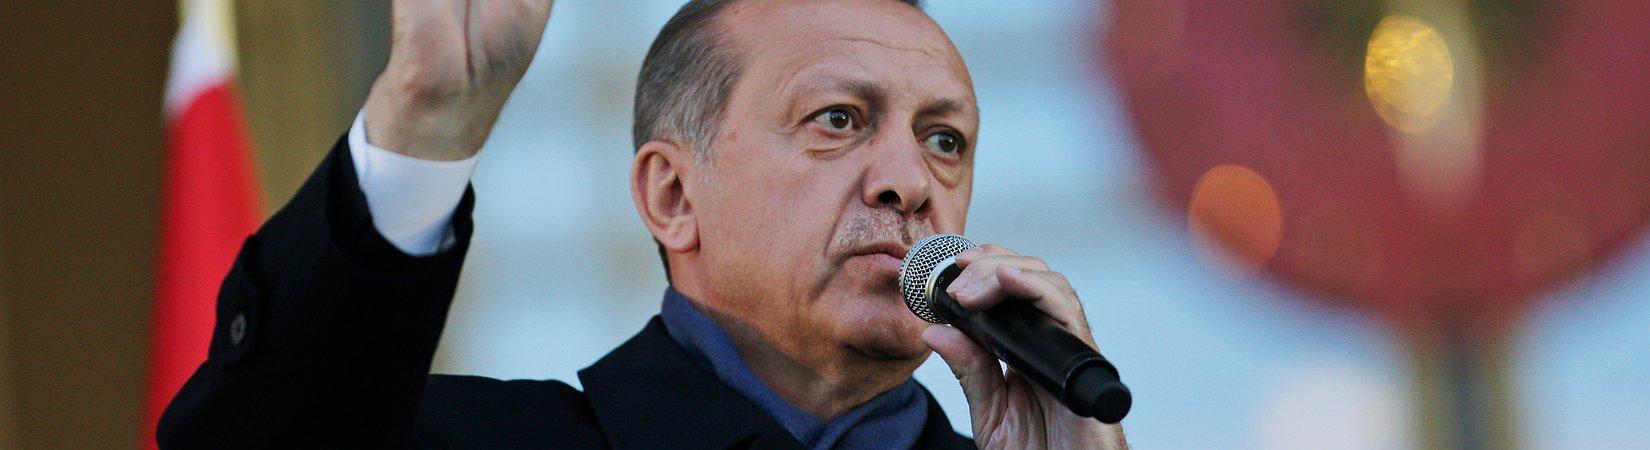 Erdogan ha fortalecido su poder: ¿Qué significa esto para los inversores?